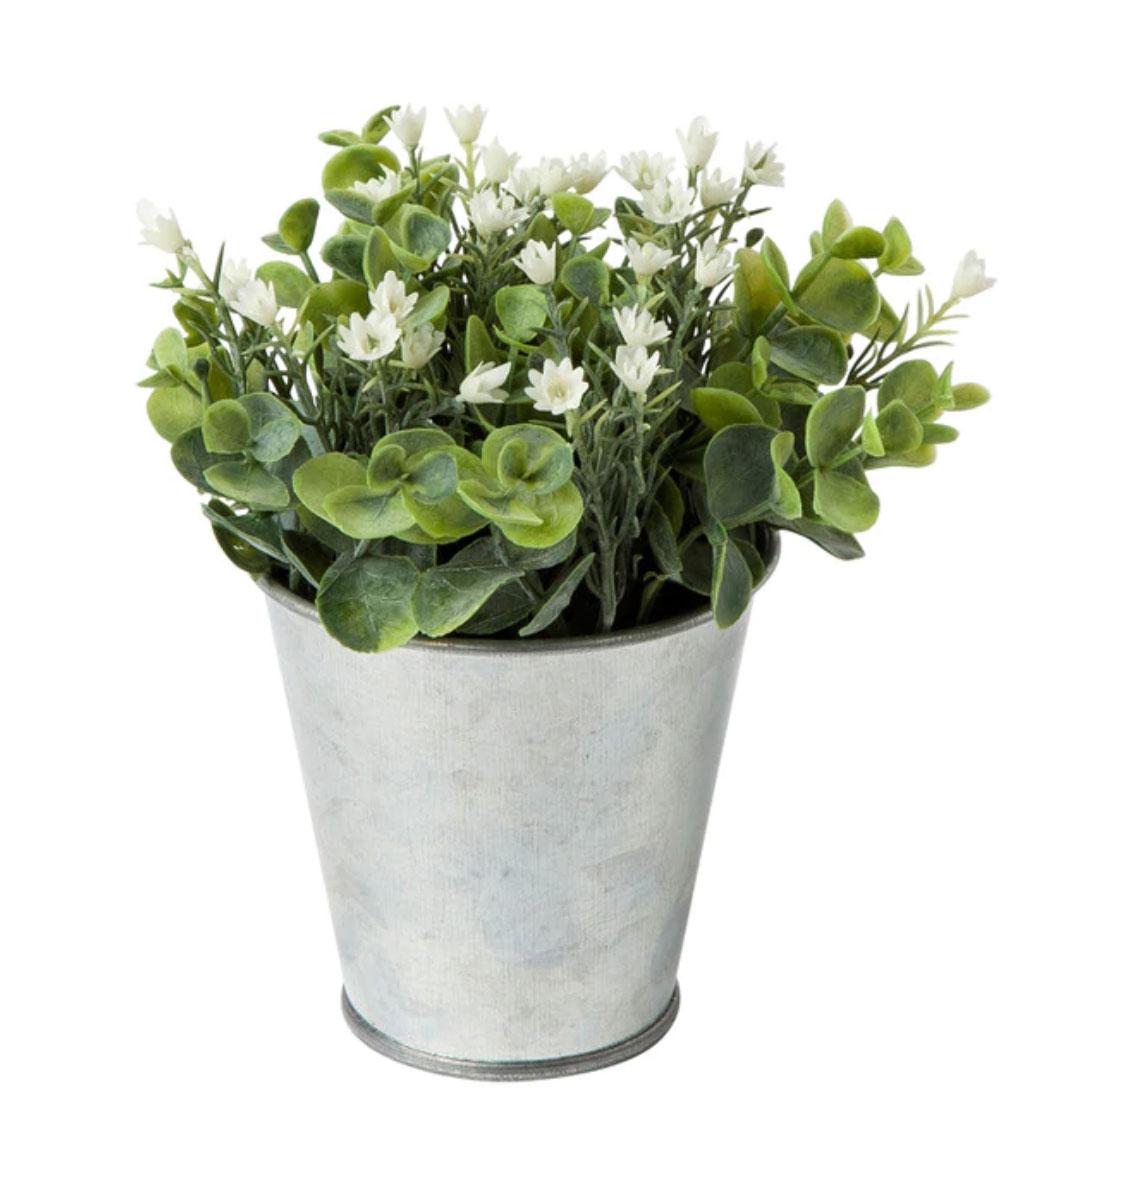 Planta con flores blancas en maceta zinc